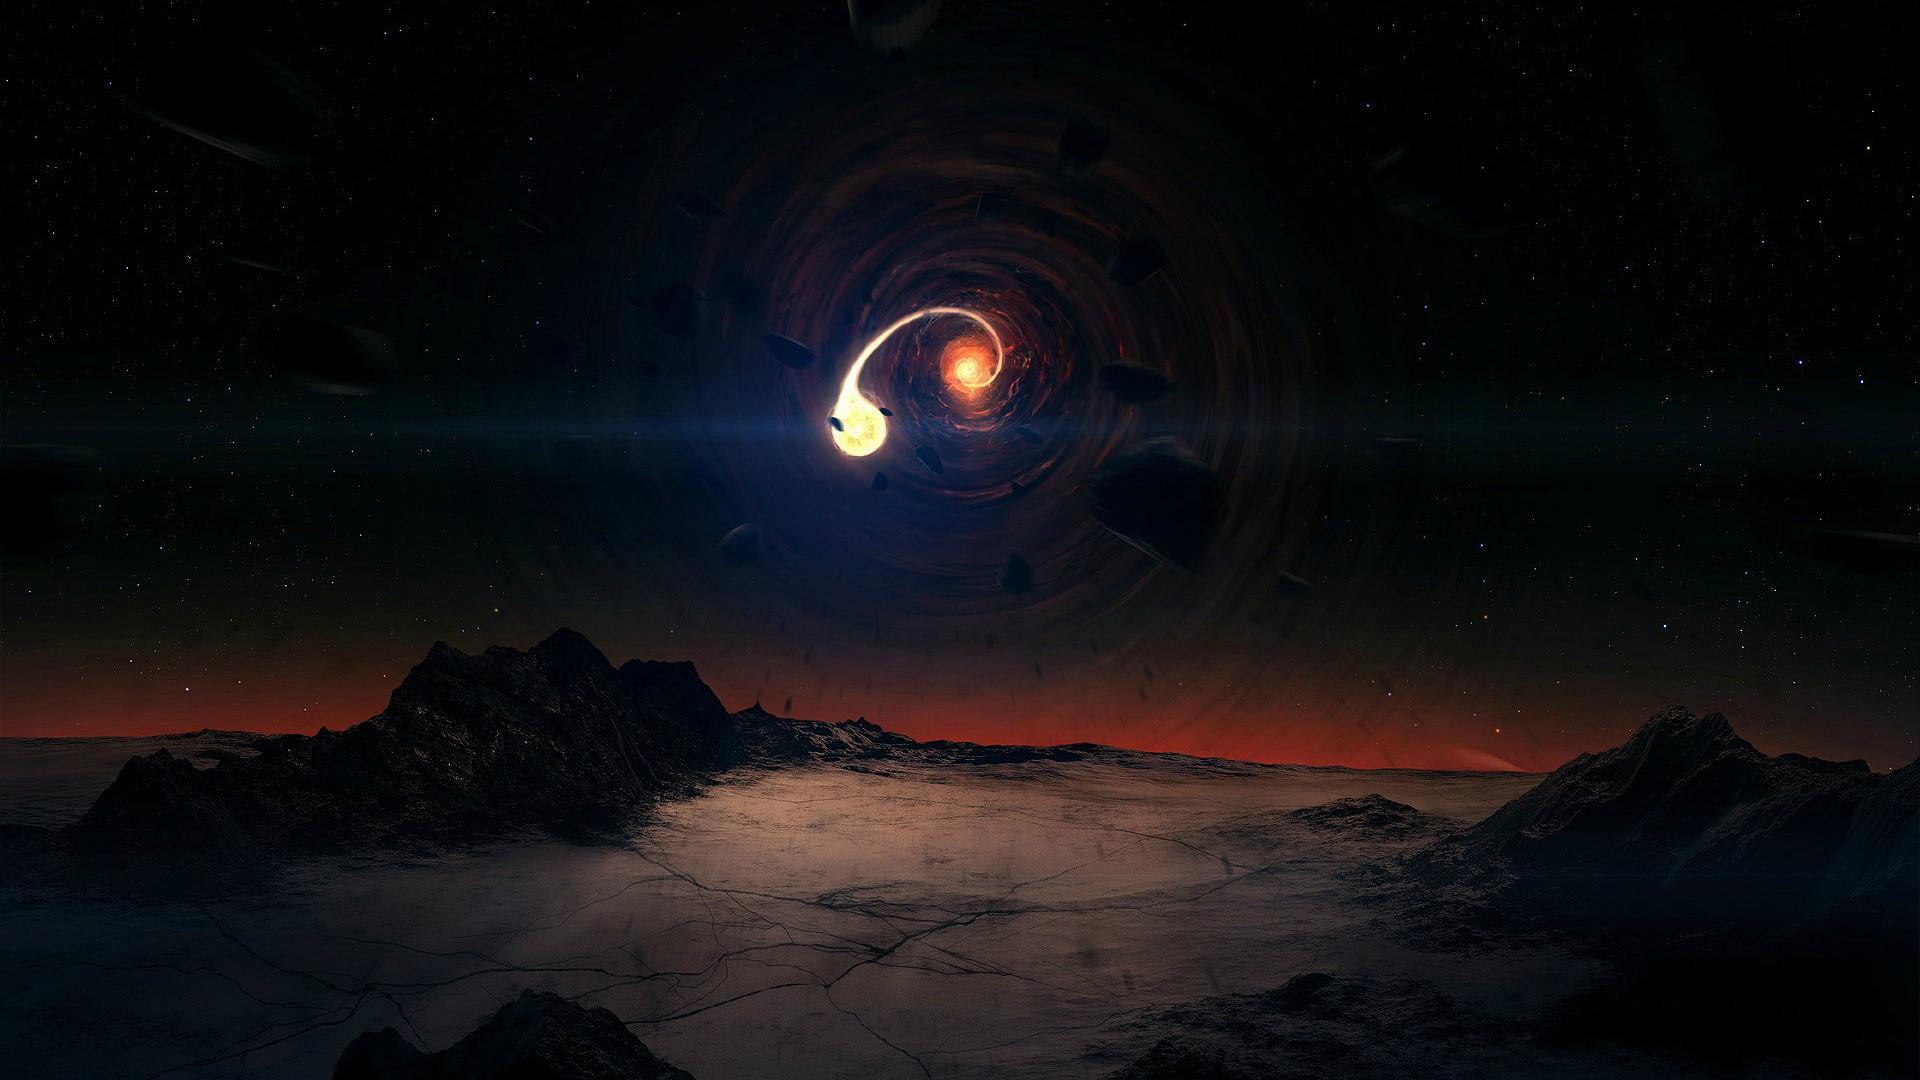 interstellar black hole wallpaper